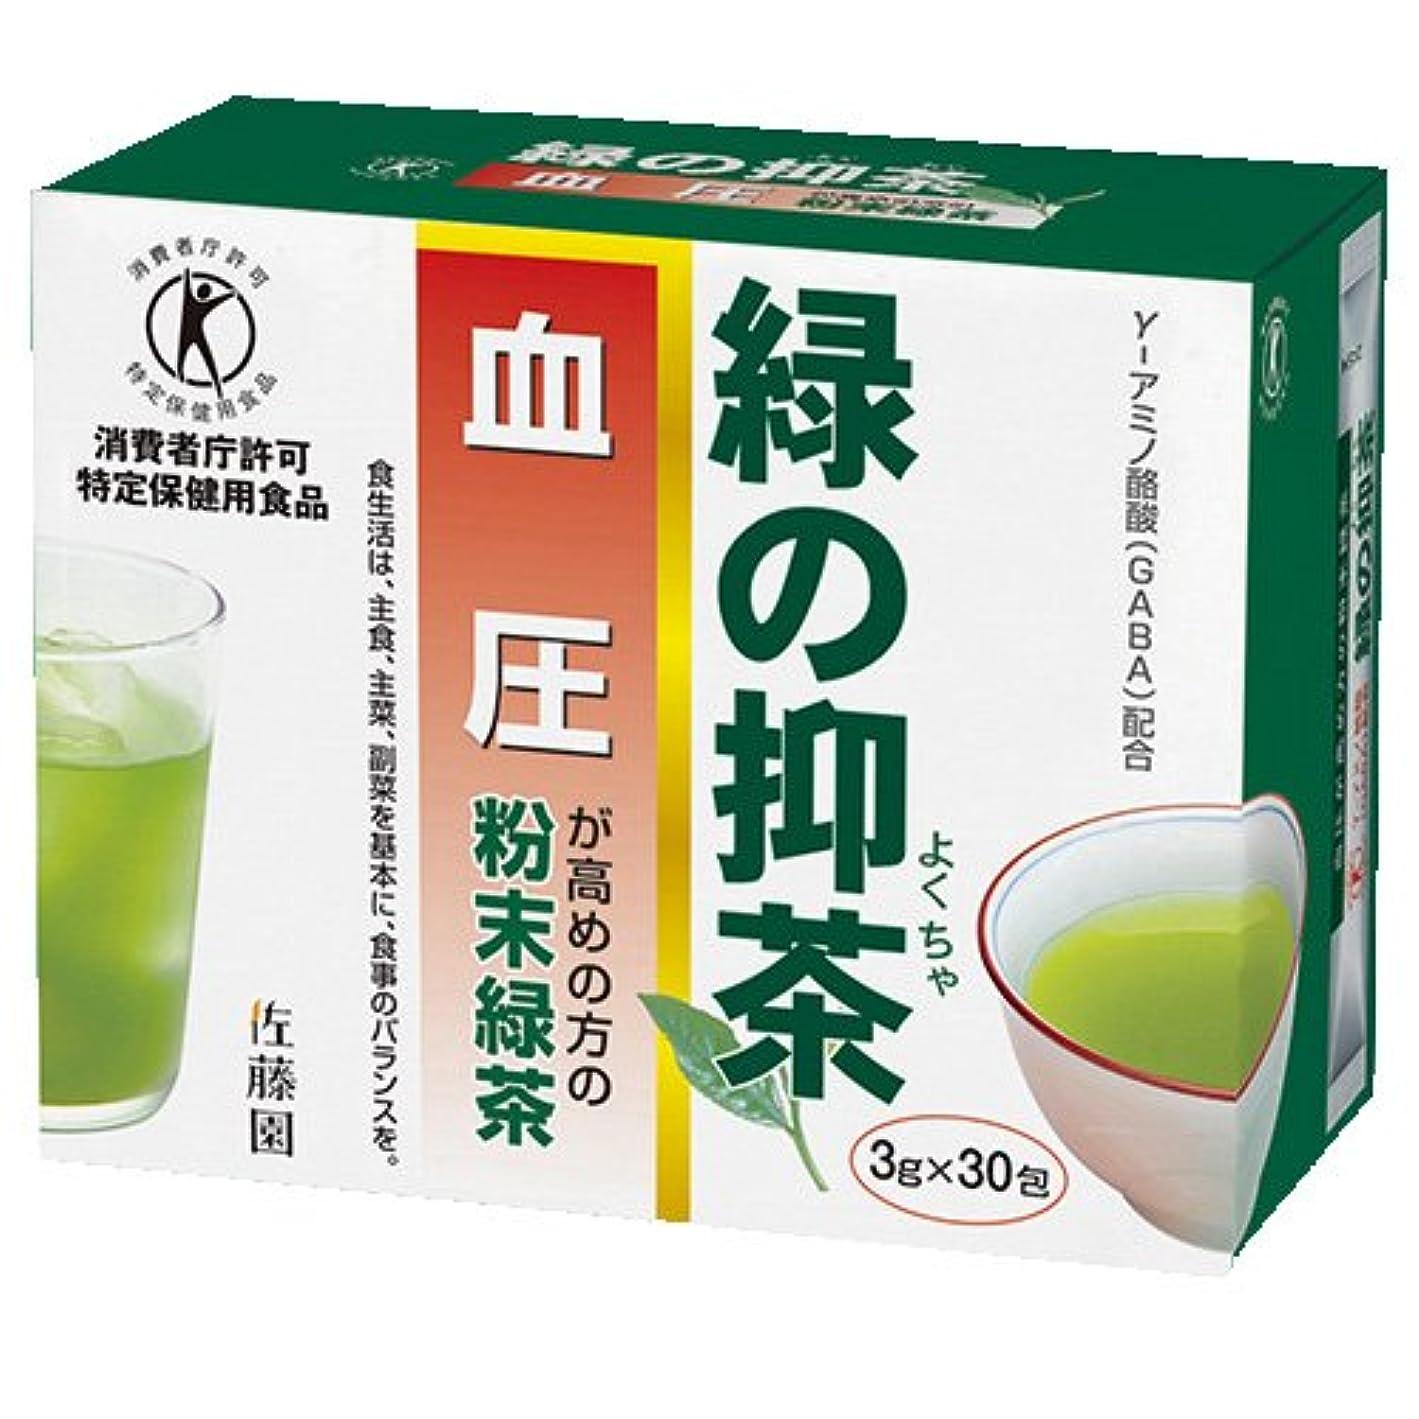 ブロックする半球ドット佐藤園のトクホのお茶 緑の抑茶(血圧) 30包 [特定保健用食品]